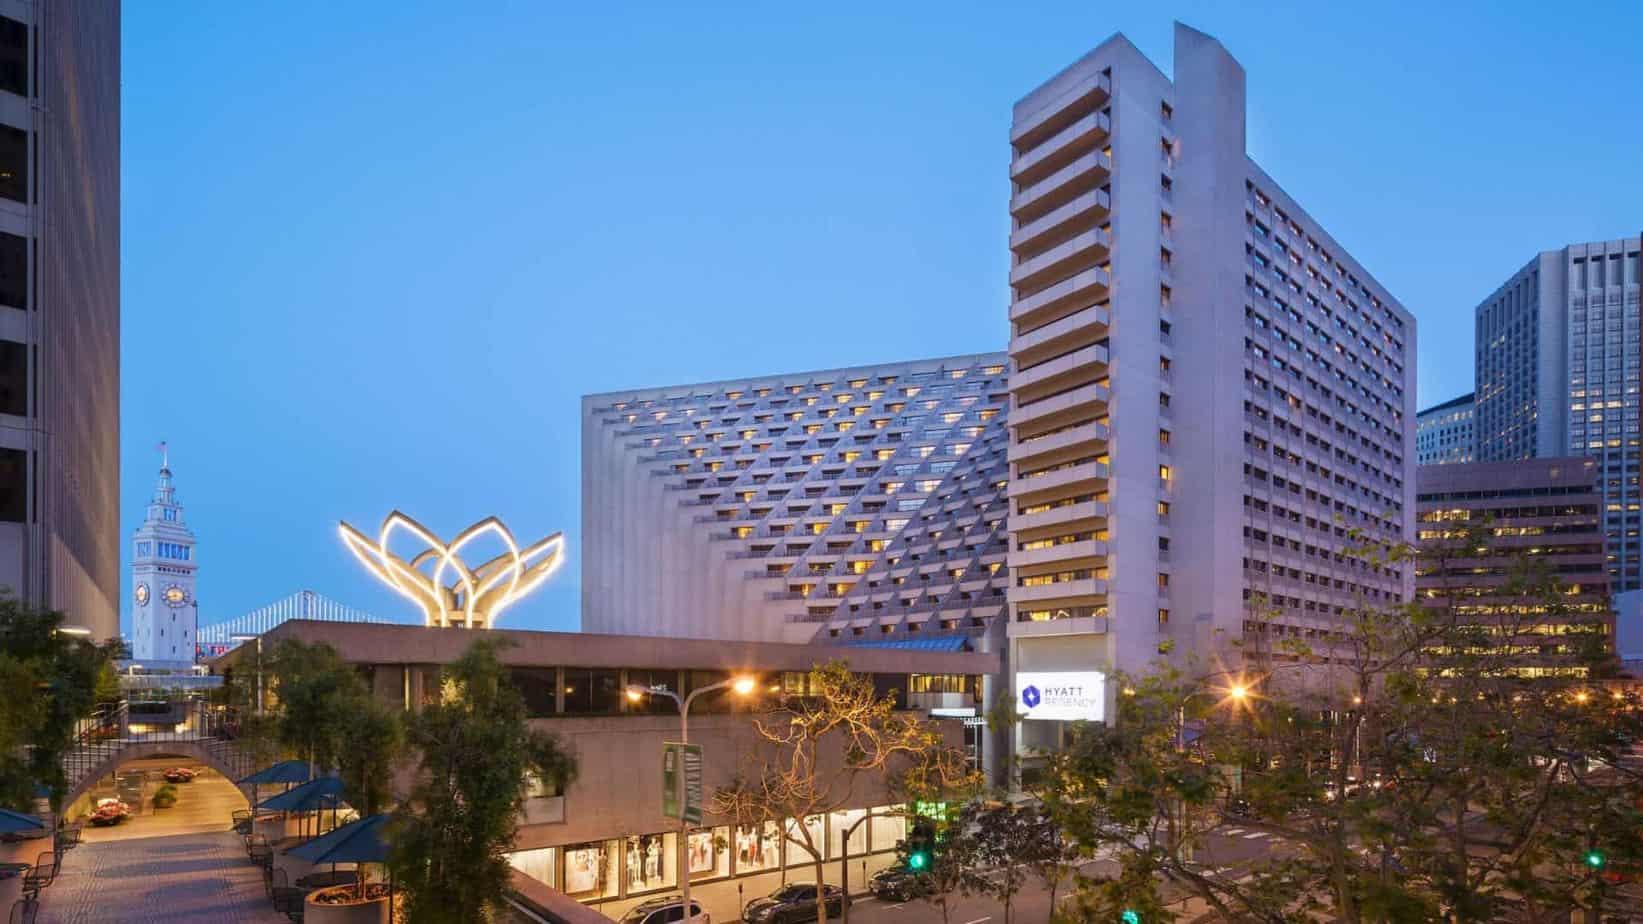 افضل 15 فندق في سان فرانسيسكو من المسافرون العرب